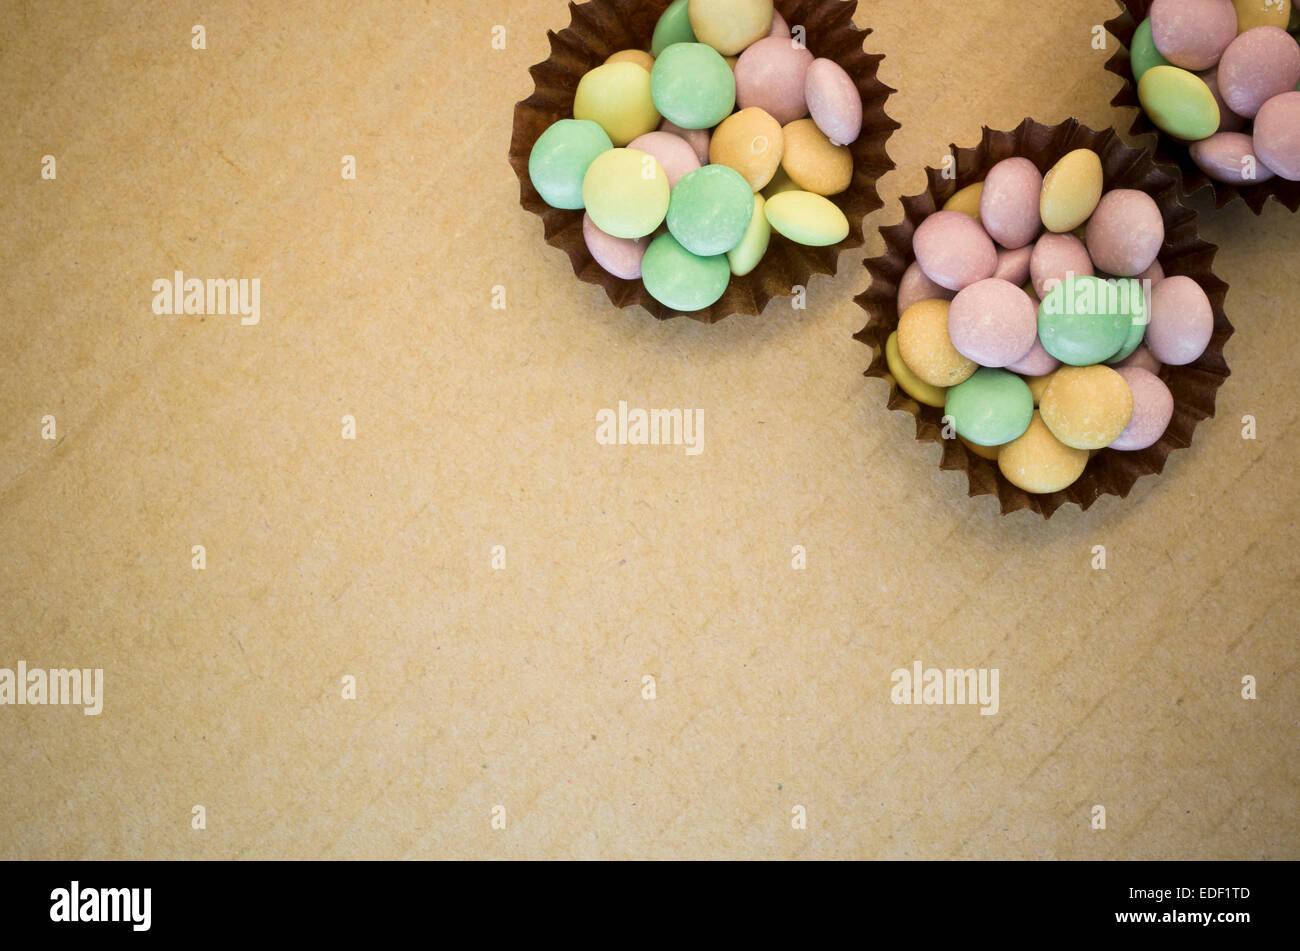 viele kleine bunte Zucker Bonbons auf einen Kartonoberfläche Stockbild